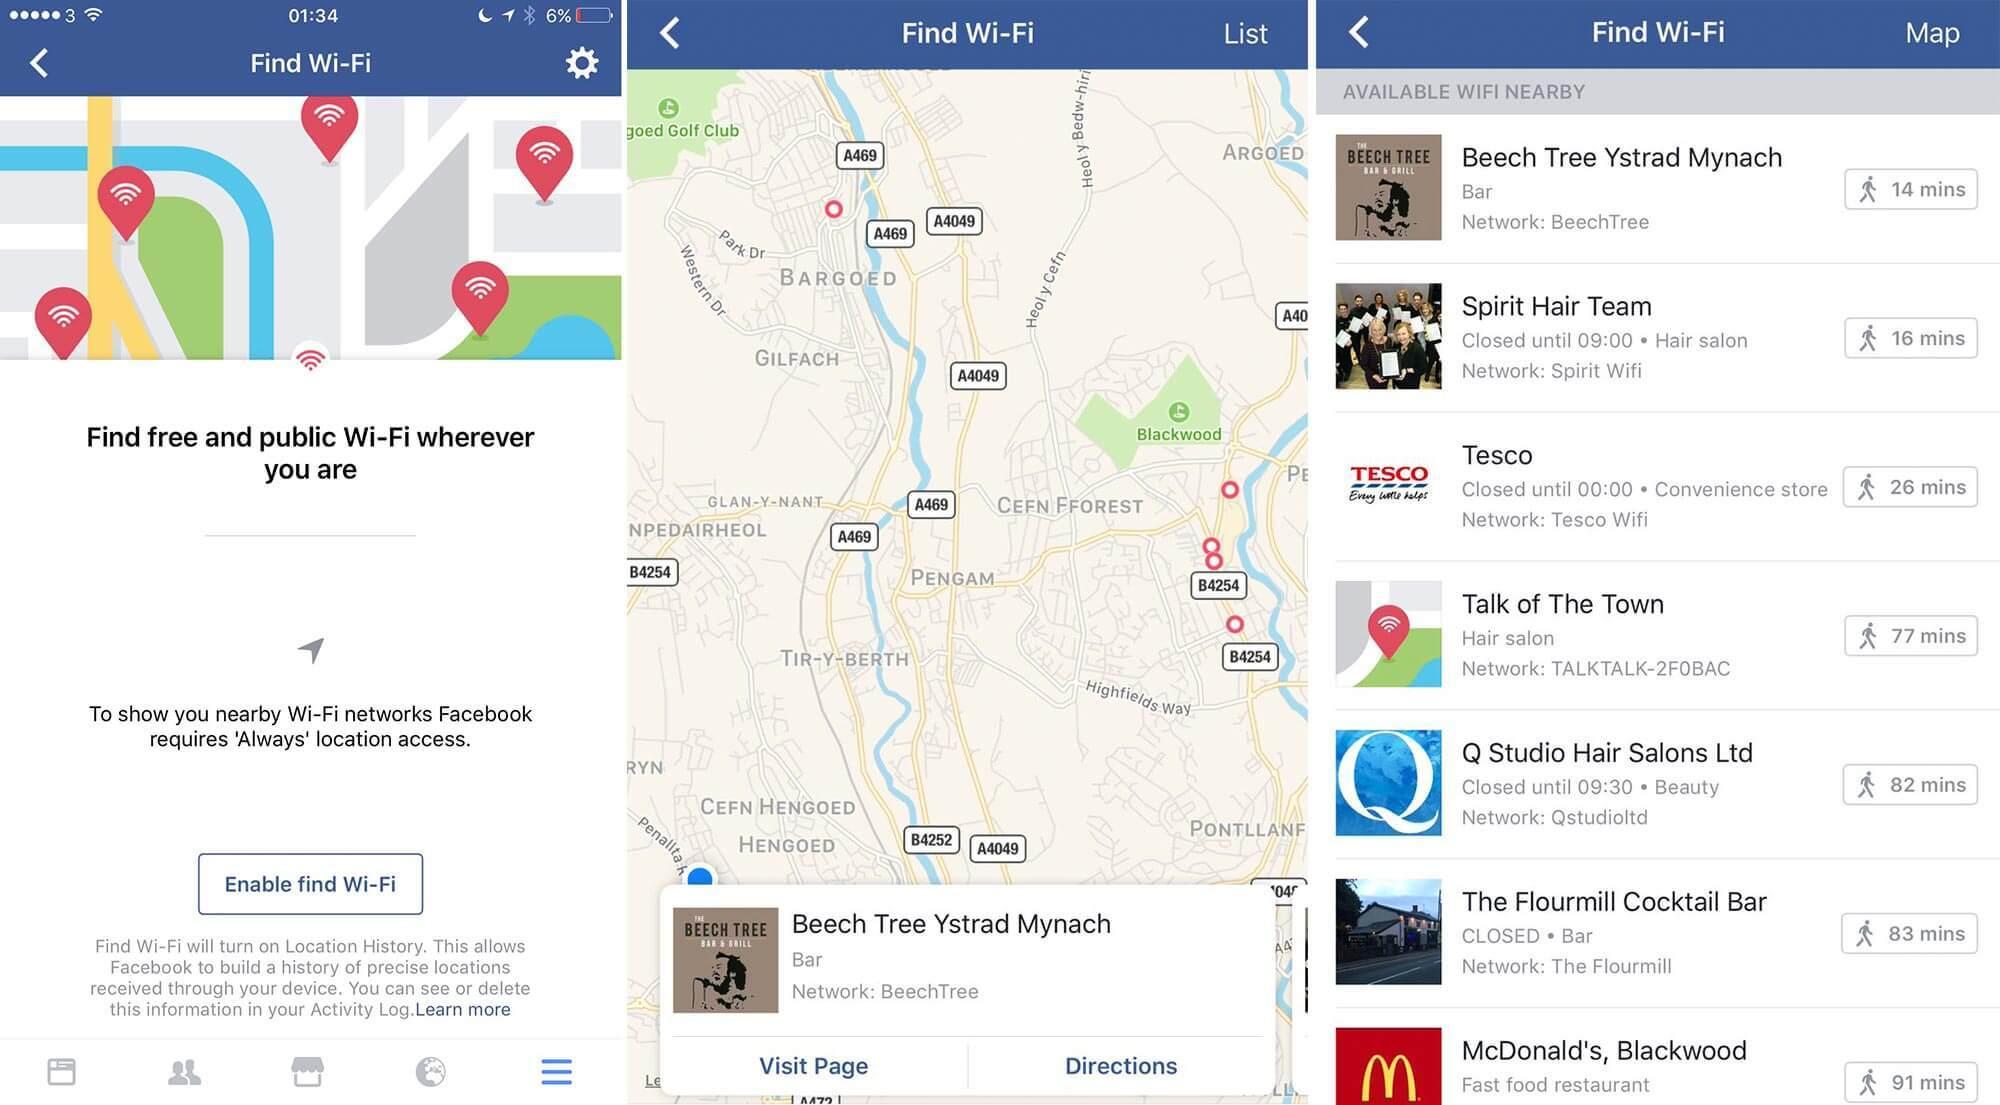 Facebook vabastab ülemaailmselt funktsiooni, mis näitab ettevõtteid, kus on teie lähedal tasuta WiFi-võrgud